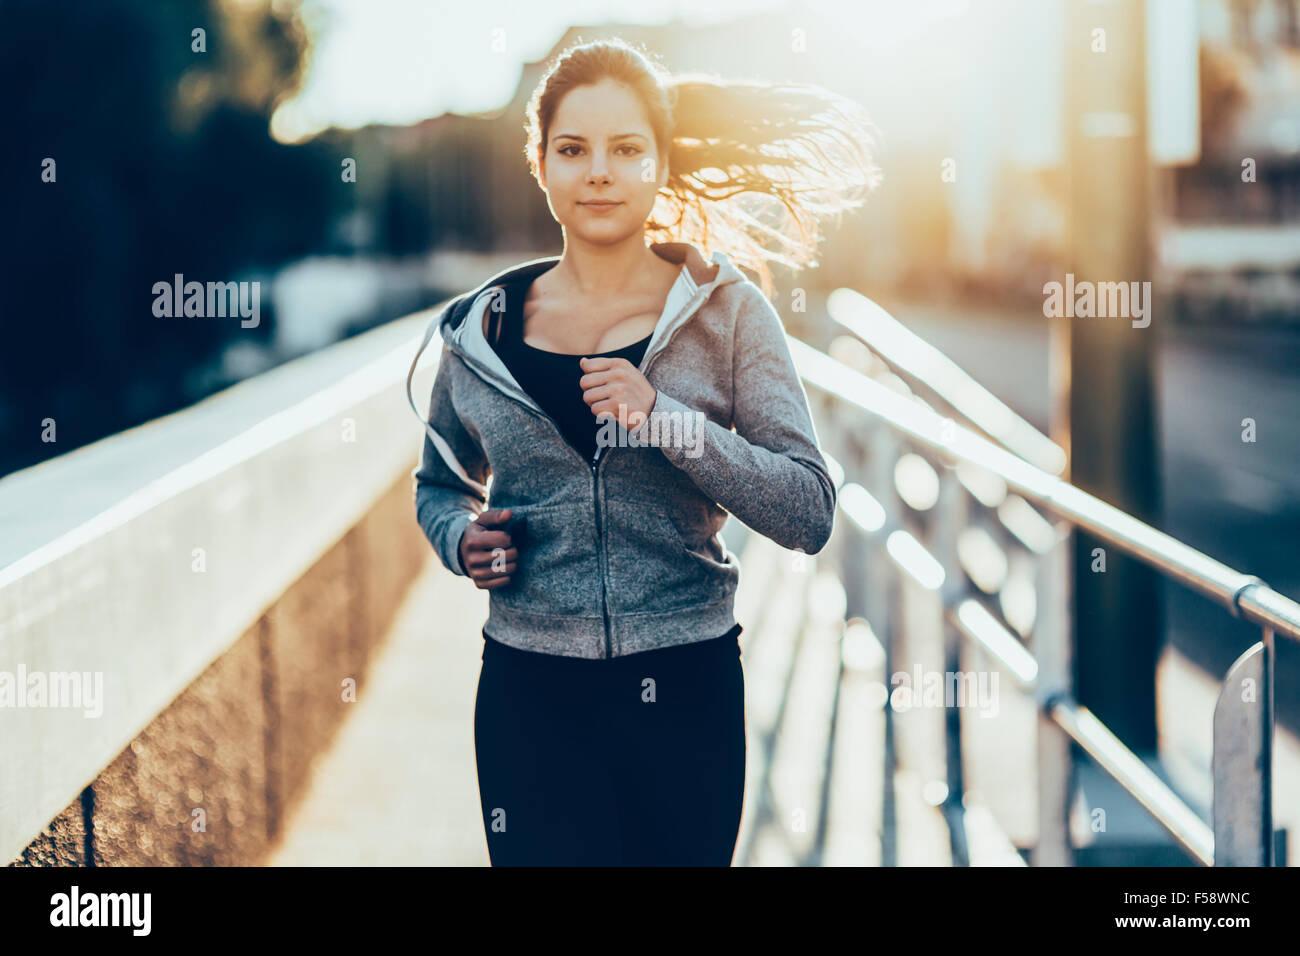 Mujer trotar en la ciudad deportiva para mantener su cuerpo y alma en forma Imagen De Stock